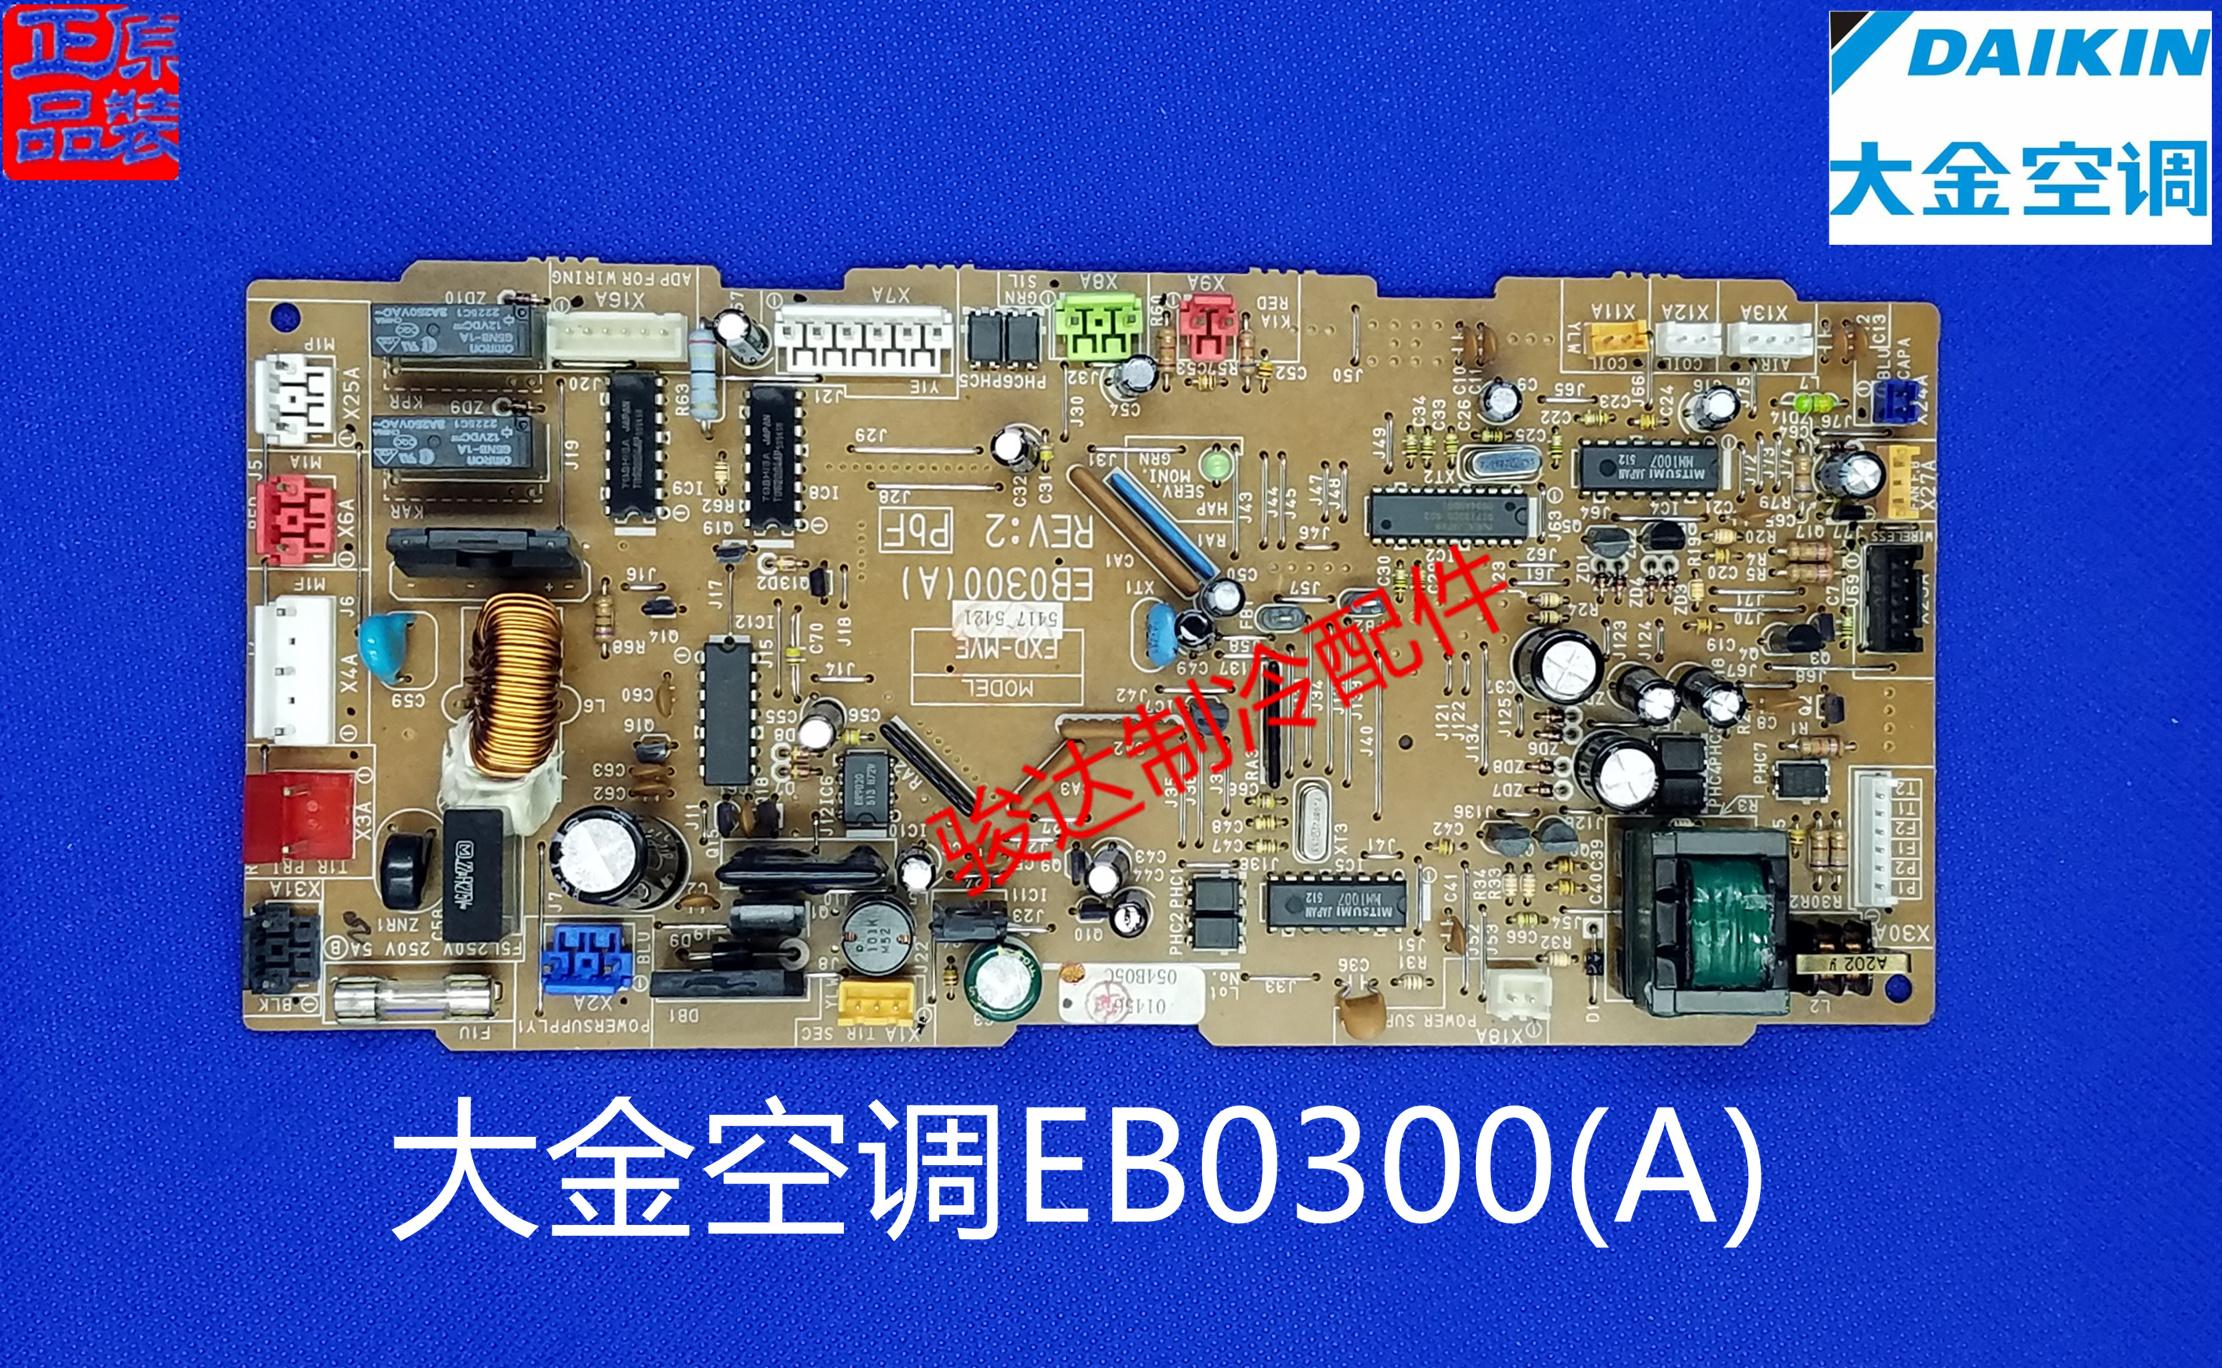 Original - Daikin klimaanlagen - board - computer motherboard EB0300 (a) FXD-MVE Daikin klimaanlagen - zubehör